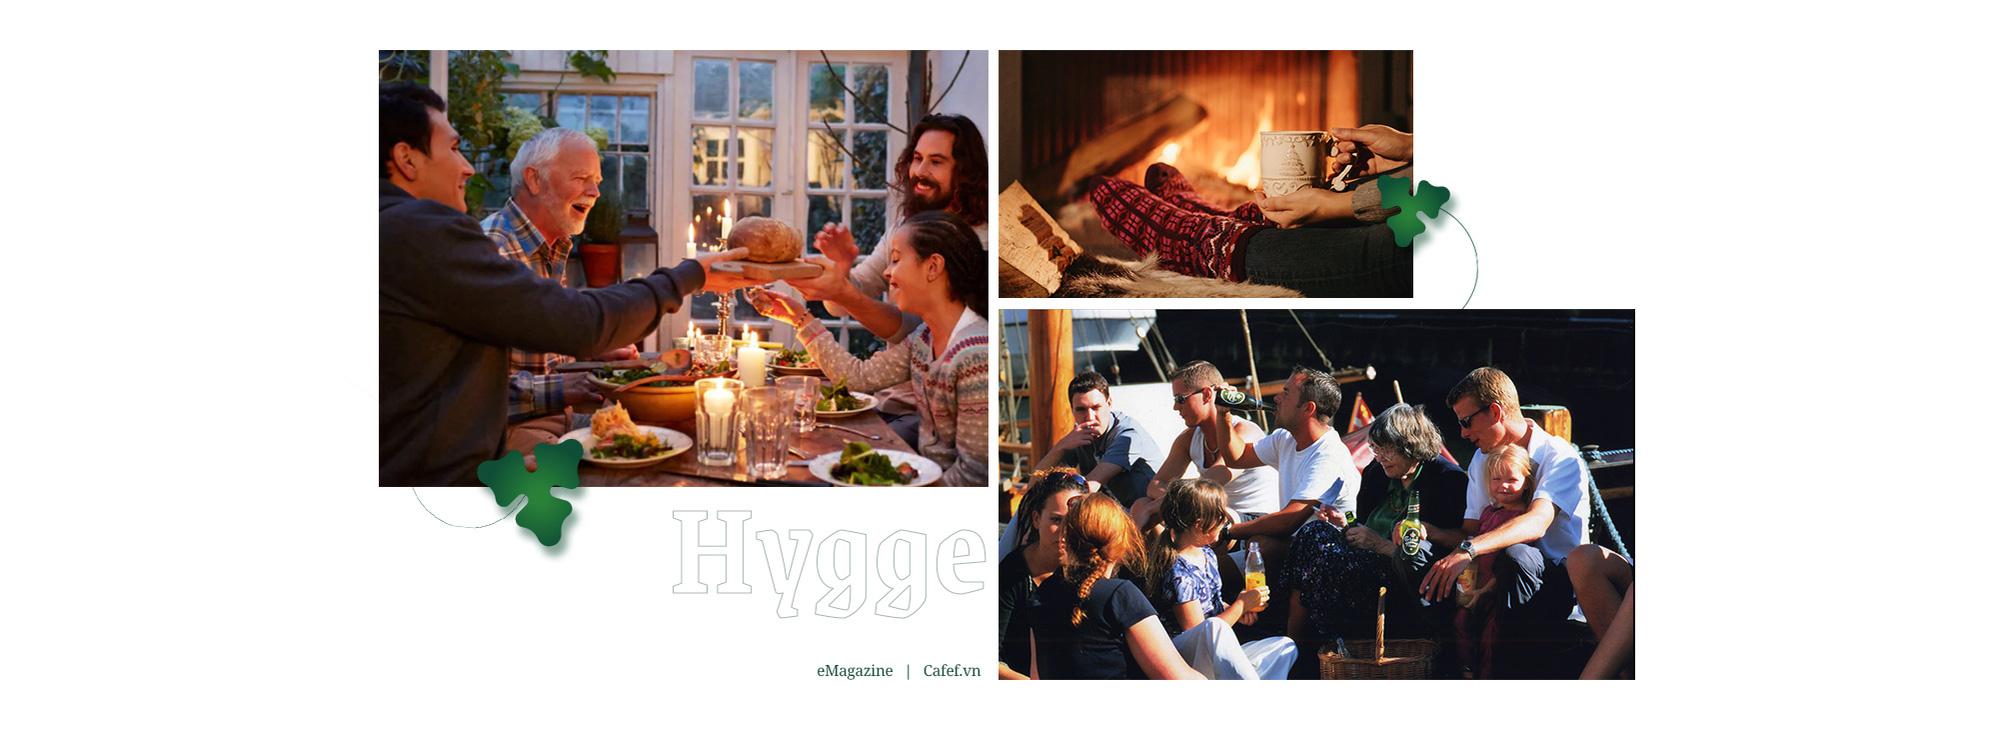 """Định nghĩa """"hạnh phúc"""" đến từ Đan Mạch: giản dị mà bền lâu - Ảnh 2."""